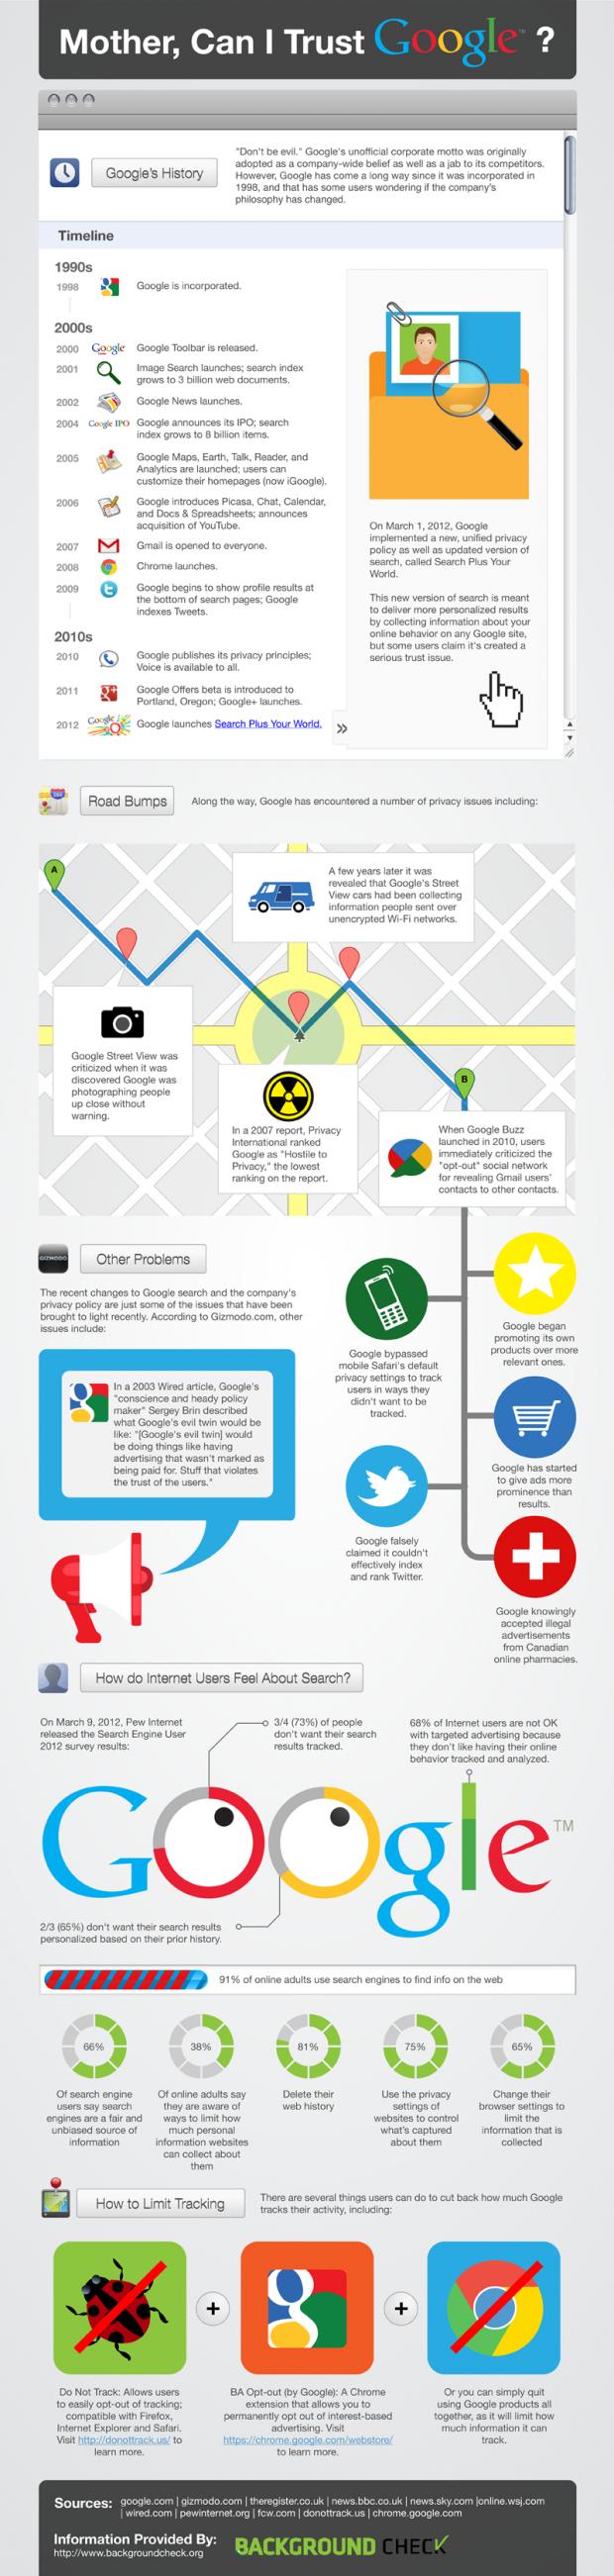 Is Google Safe?